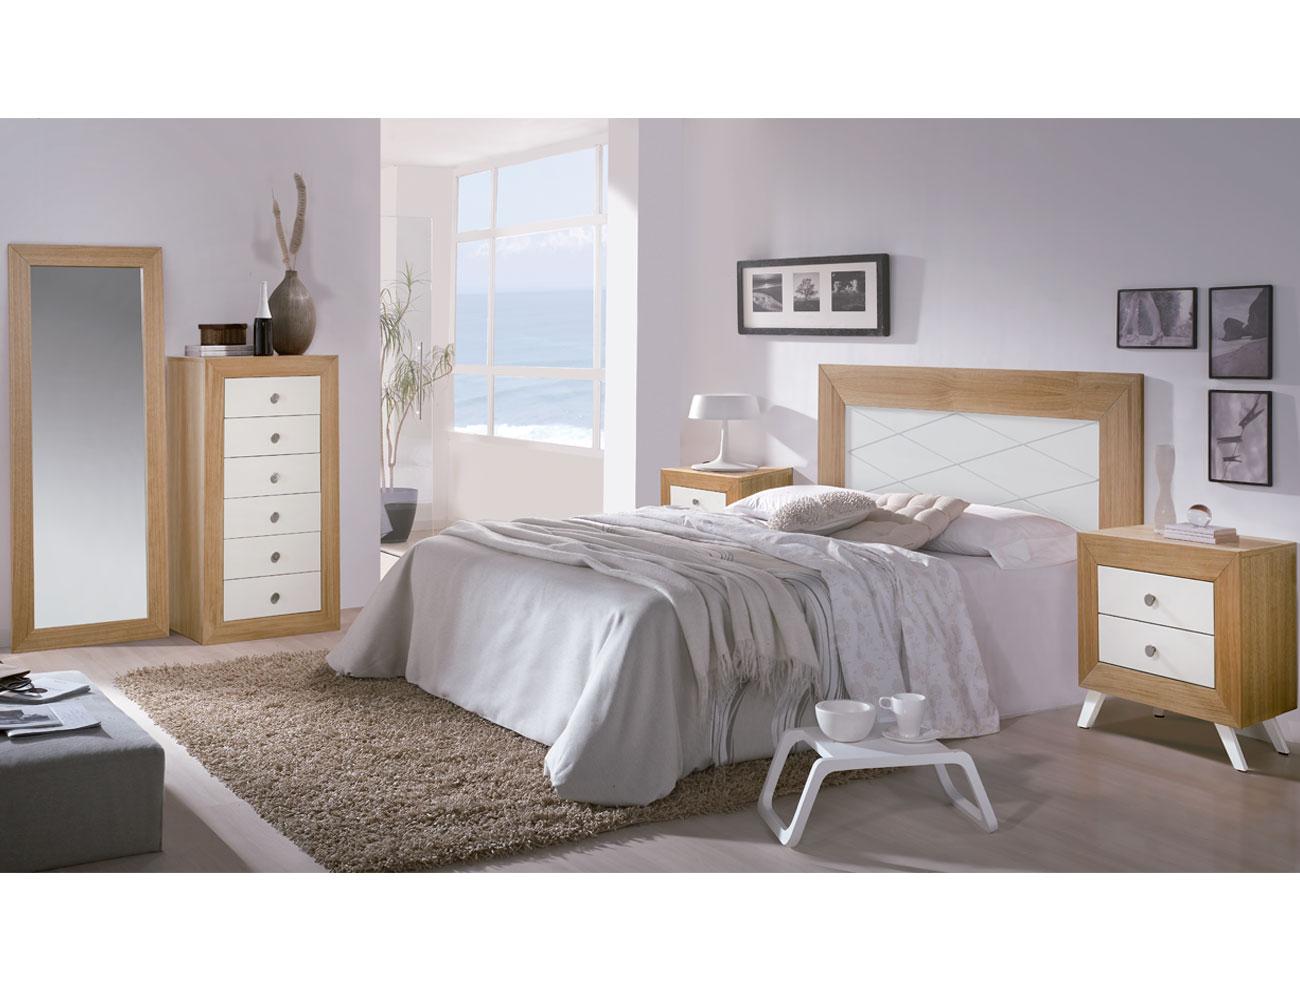 Dormitorio sinfonier quebec1